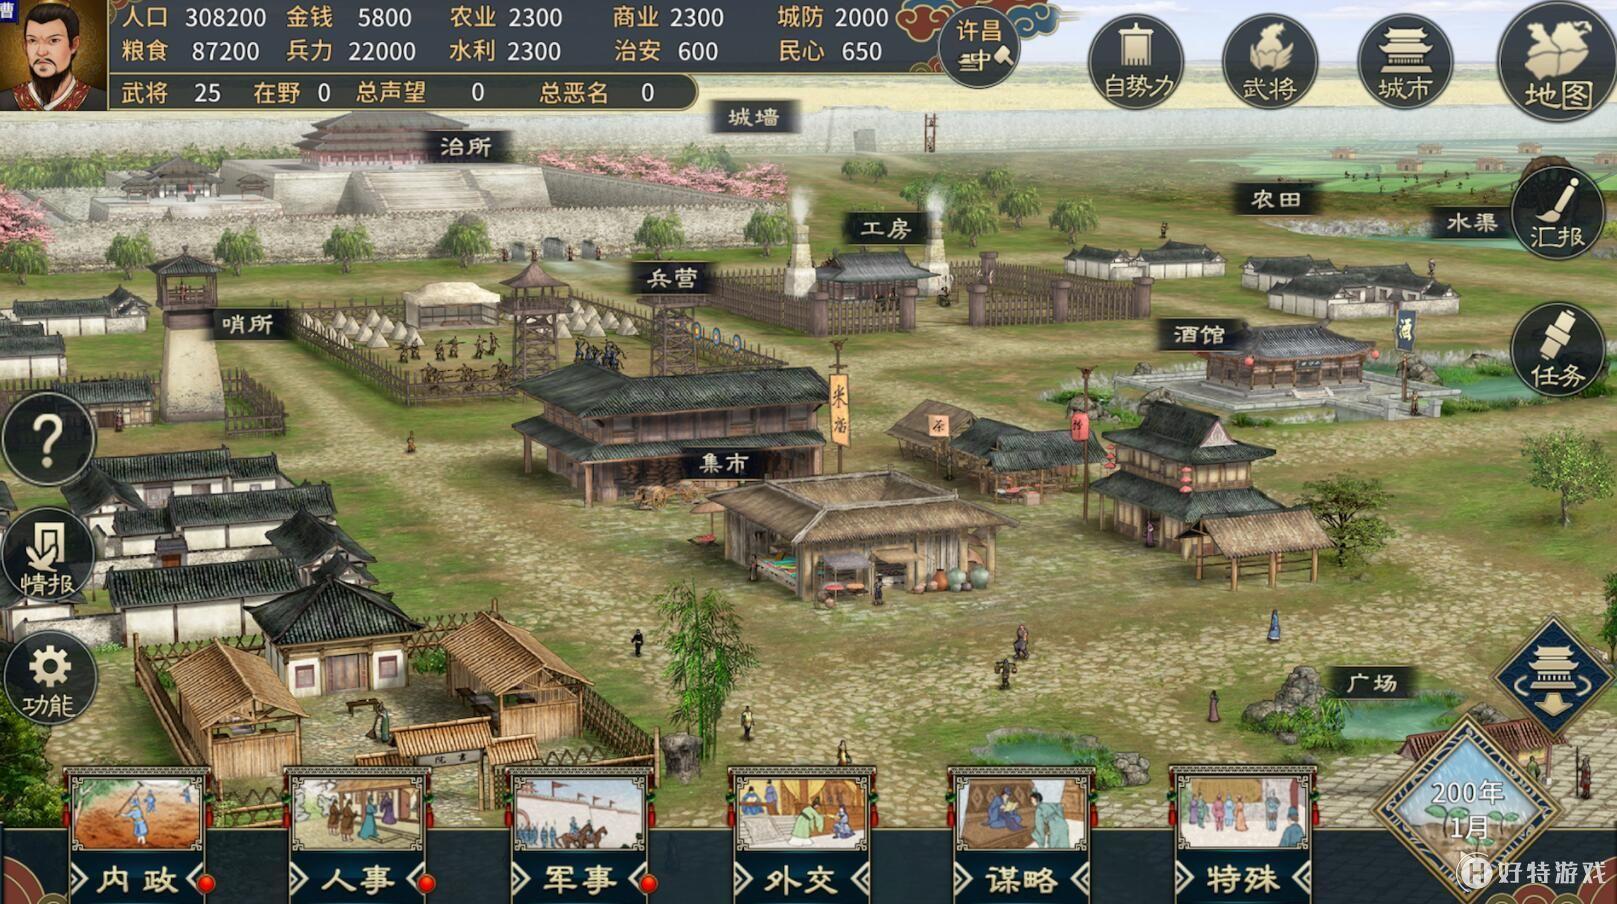 三国志汉末霸业官方网站下载正式版游戏图3: